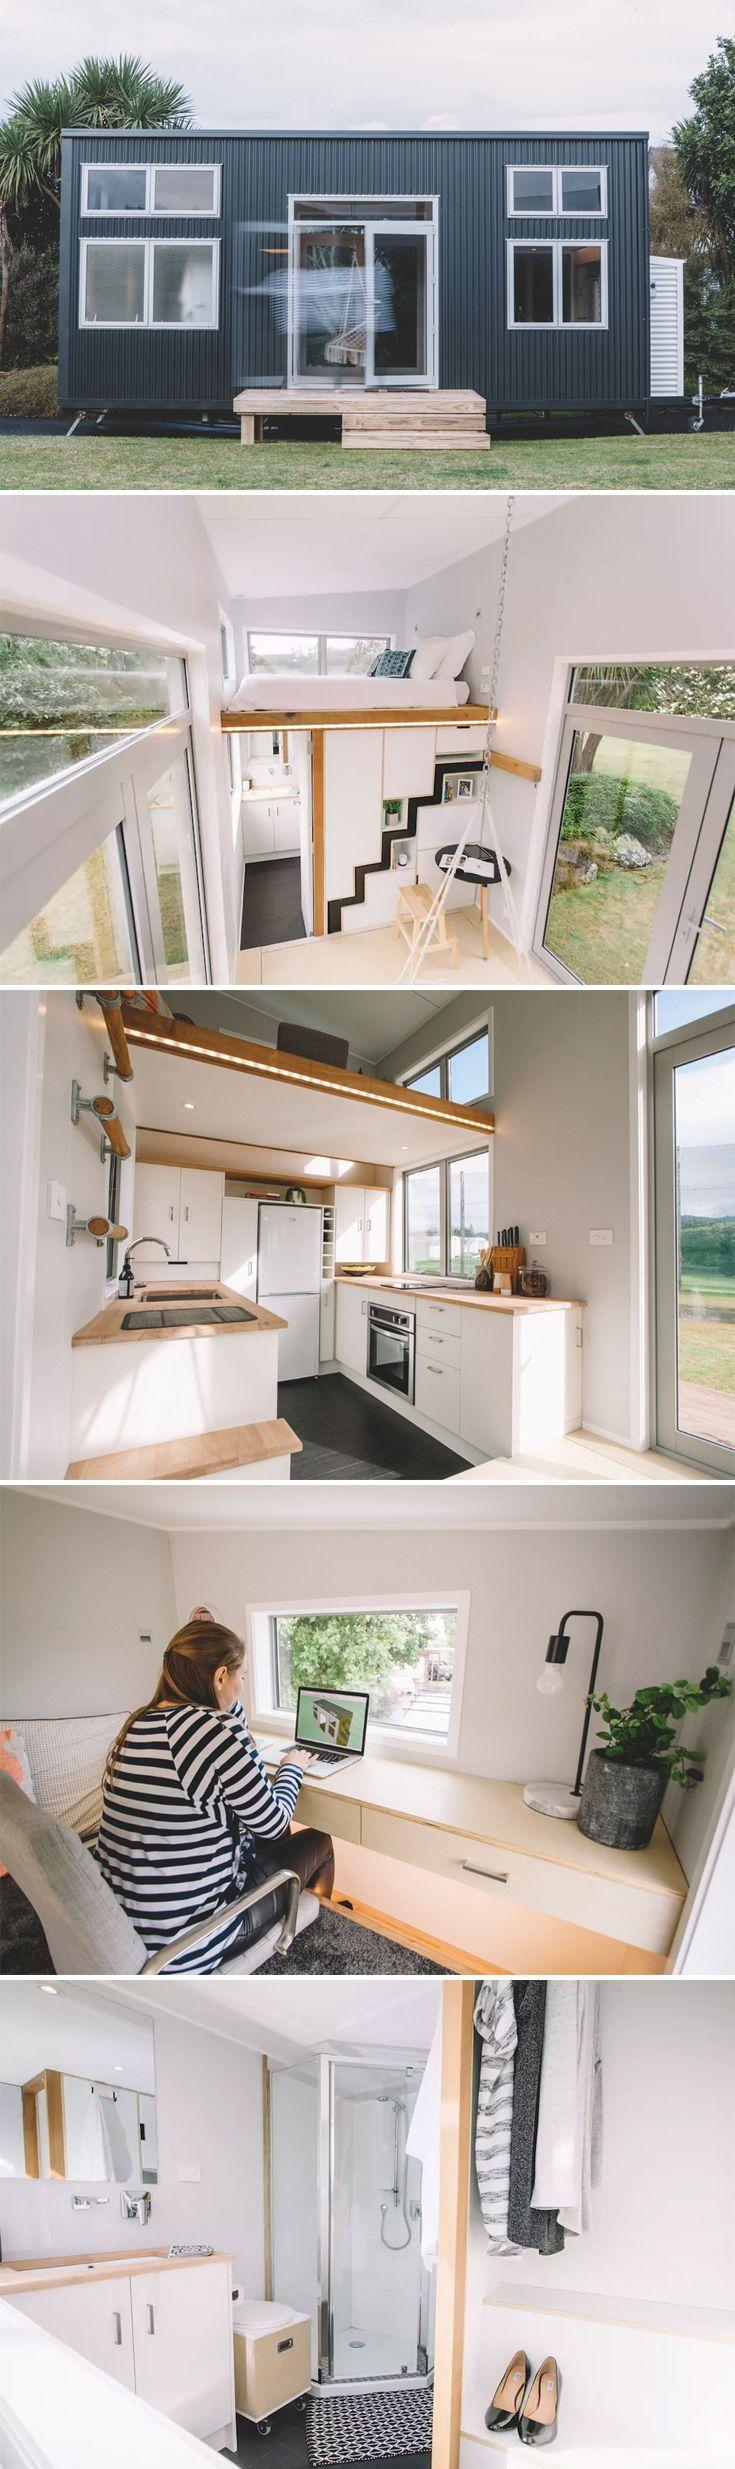 Millennial Tiny House by Build Tiny - Tiny Living